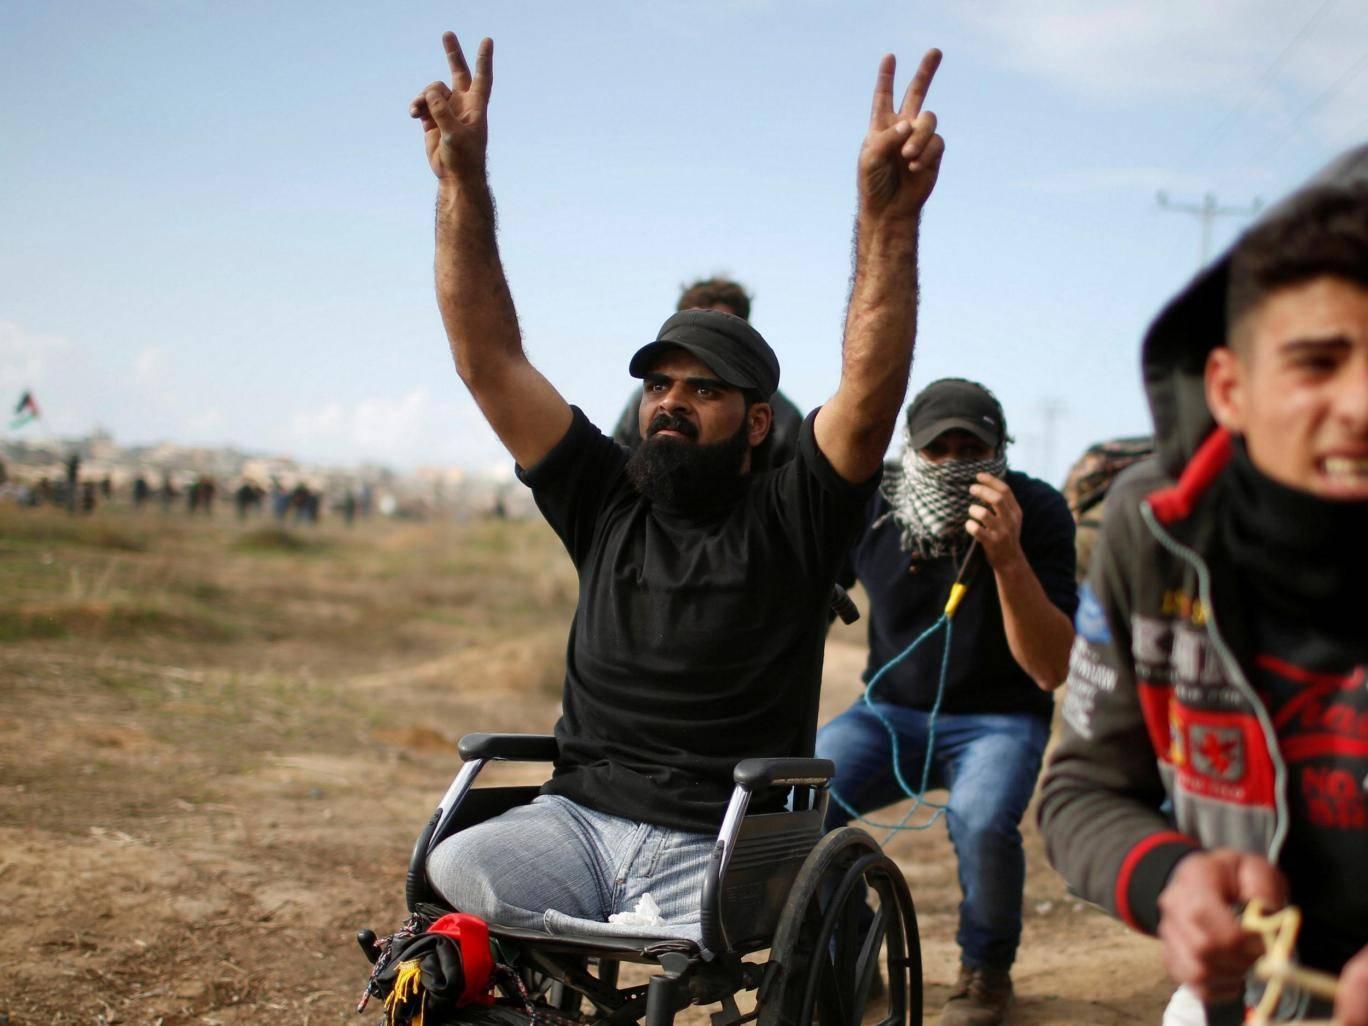 Disabled Palestinian activist shot dead by Israeli troops in Jerusalem al-Quds protest